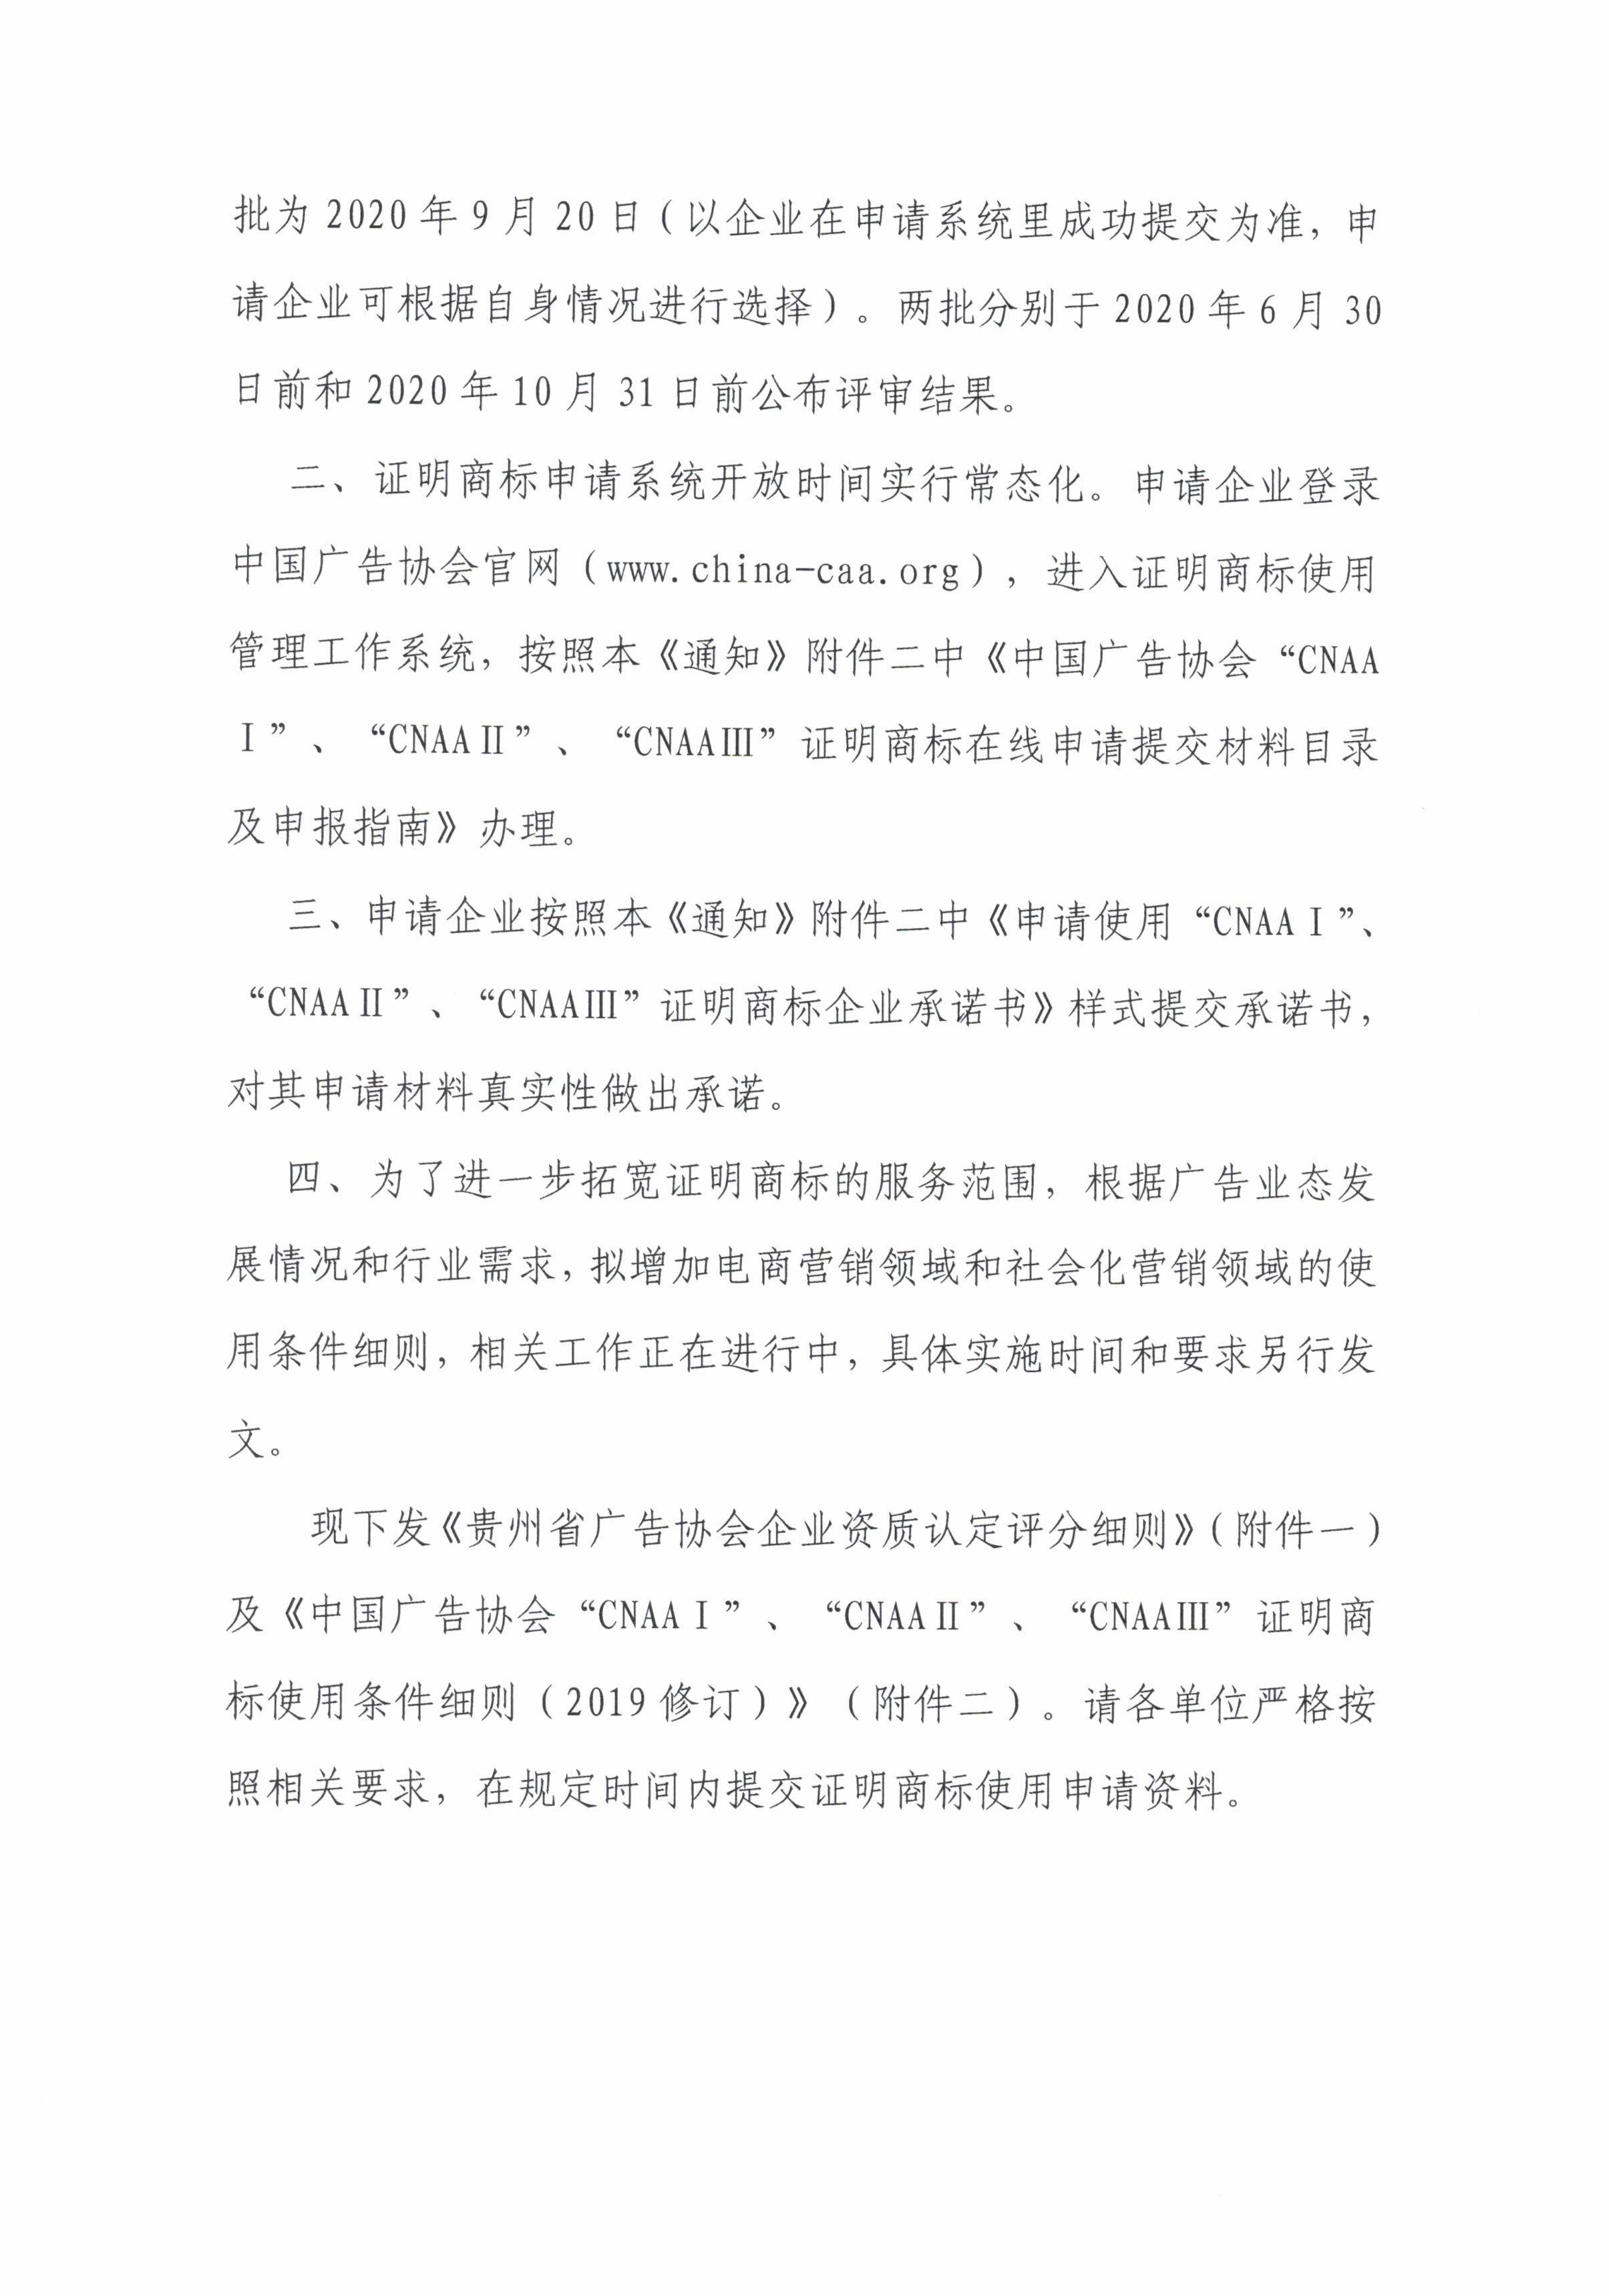 """贵州省万博maxbet官网下载协会关于开展2020年度中广协""""CNAAⅠ""""、""""CNAAⅡ""""、""""CNAAⅢ"""" 证明商标使用管理工作的通知_000043.jpg"""